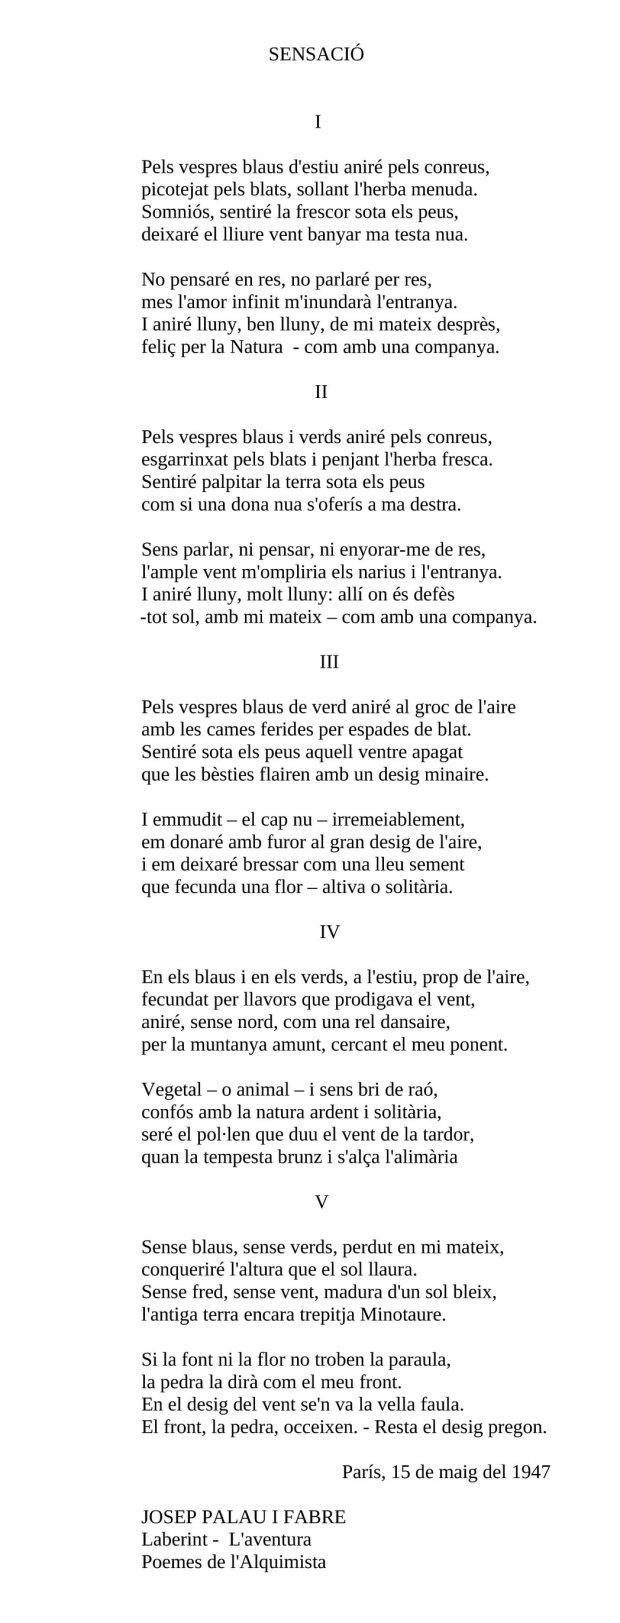 josep-palau-i-fabre-sensacio1